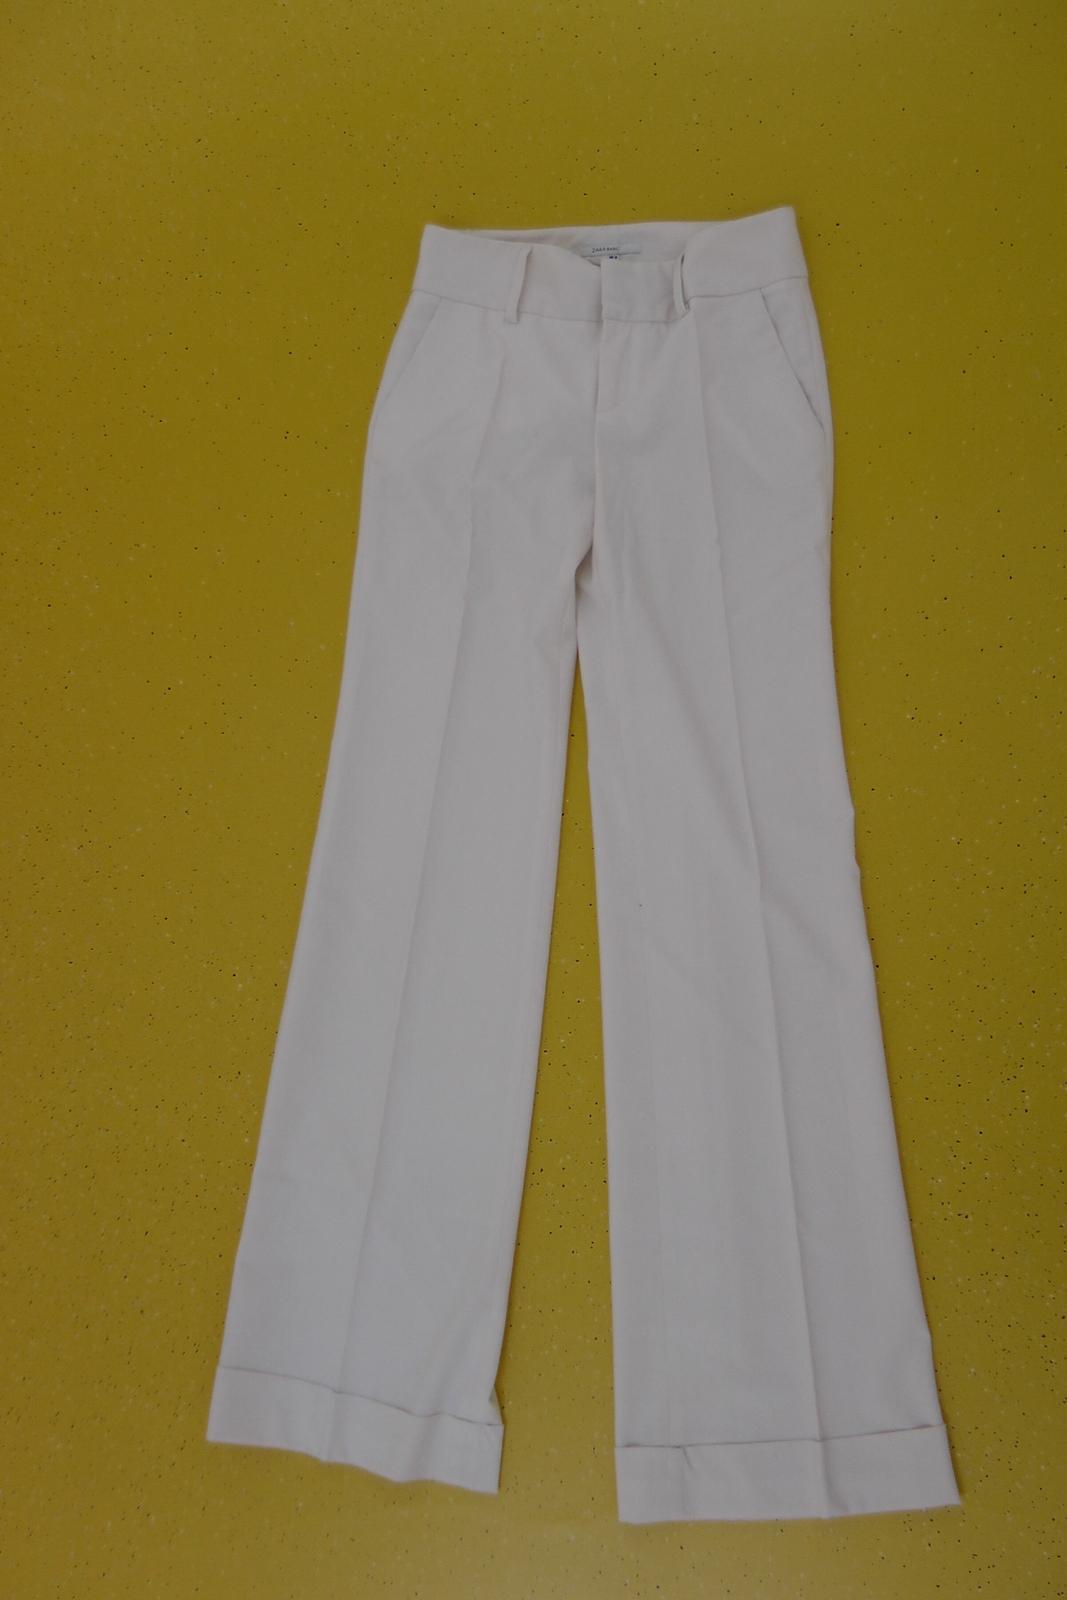 kalhoty - Obrázek č. 1